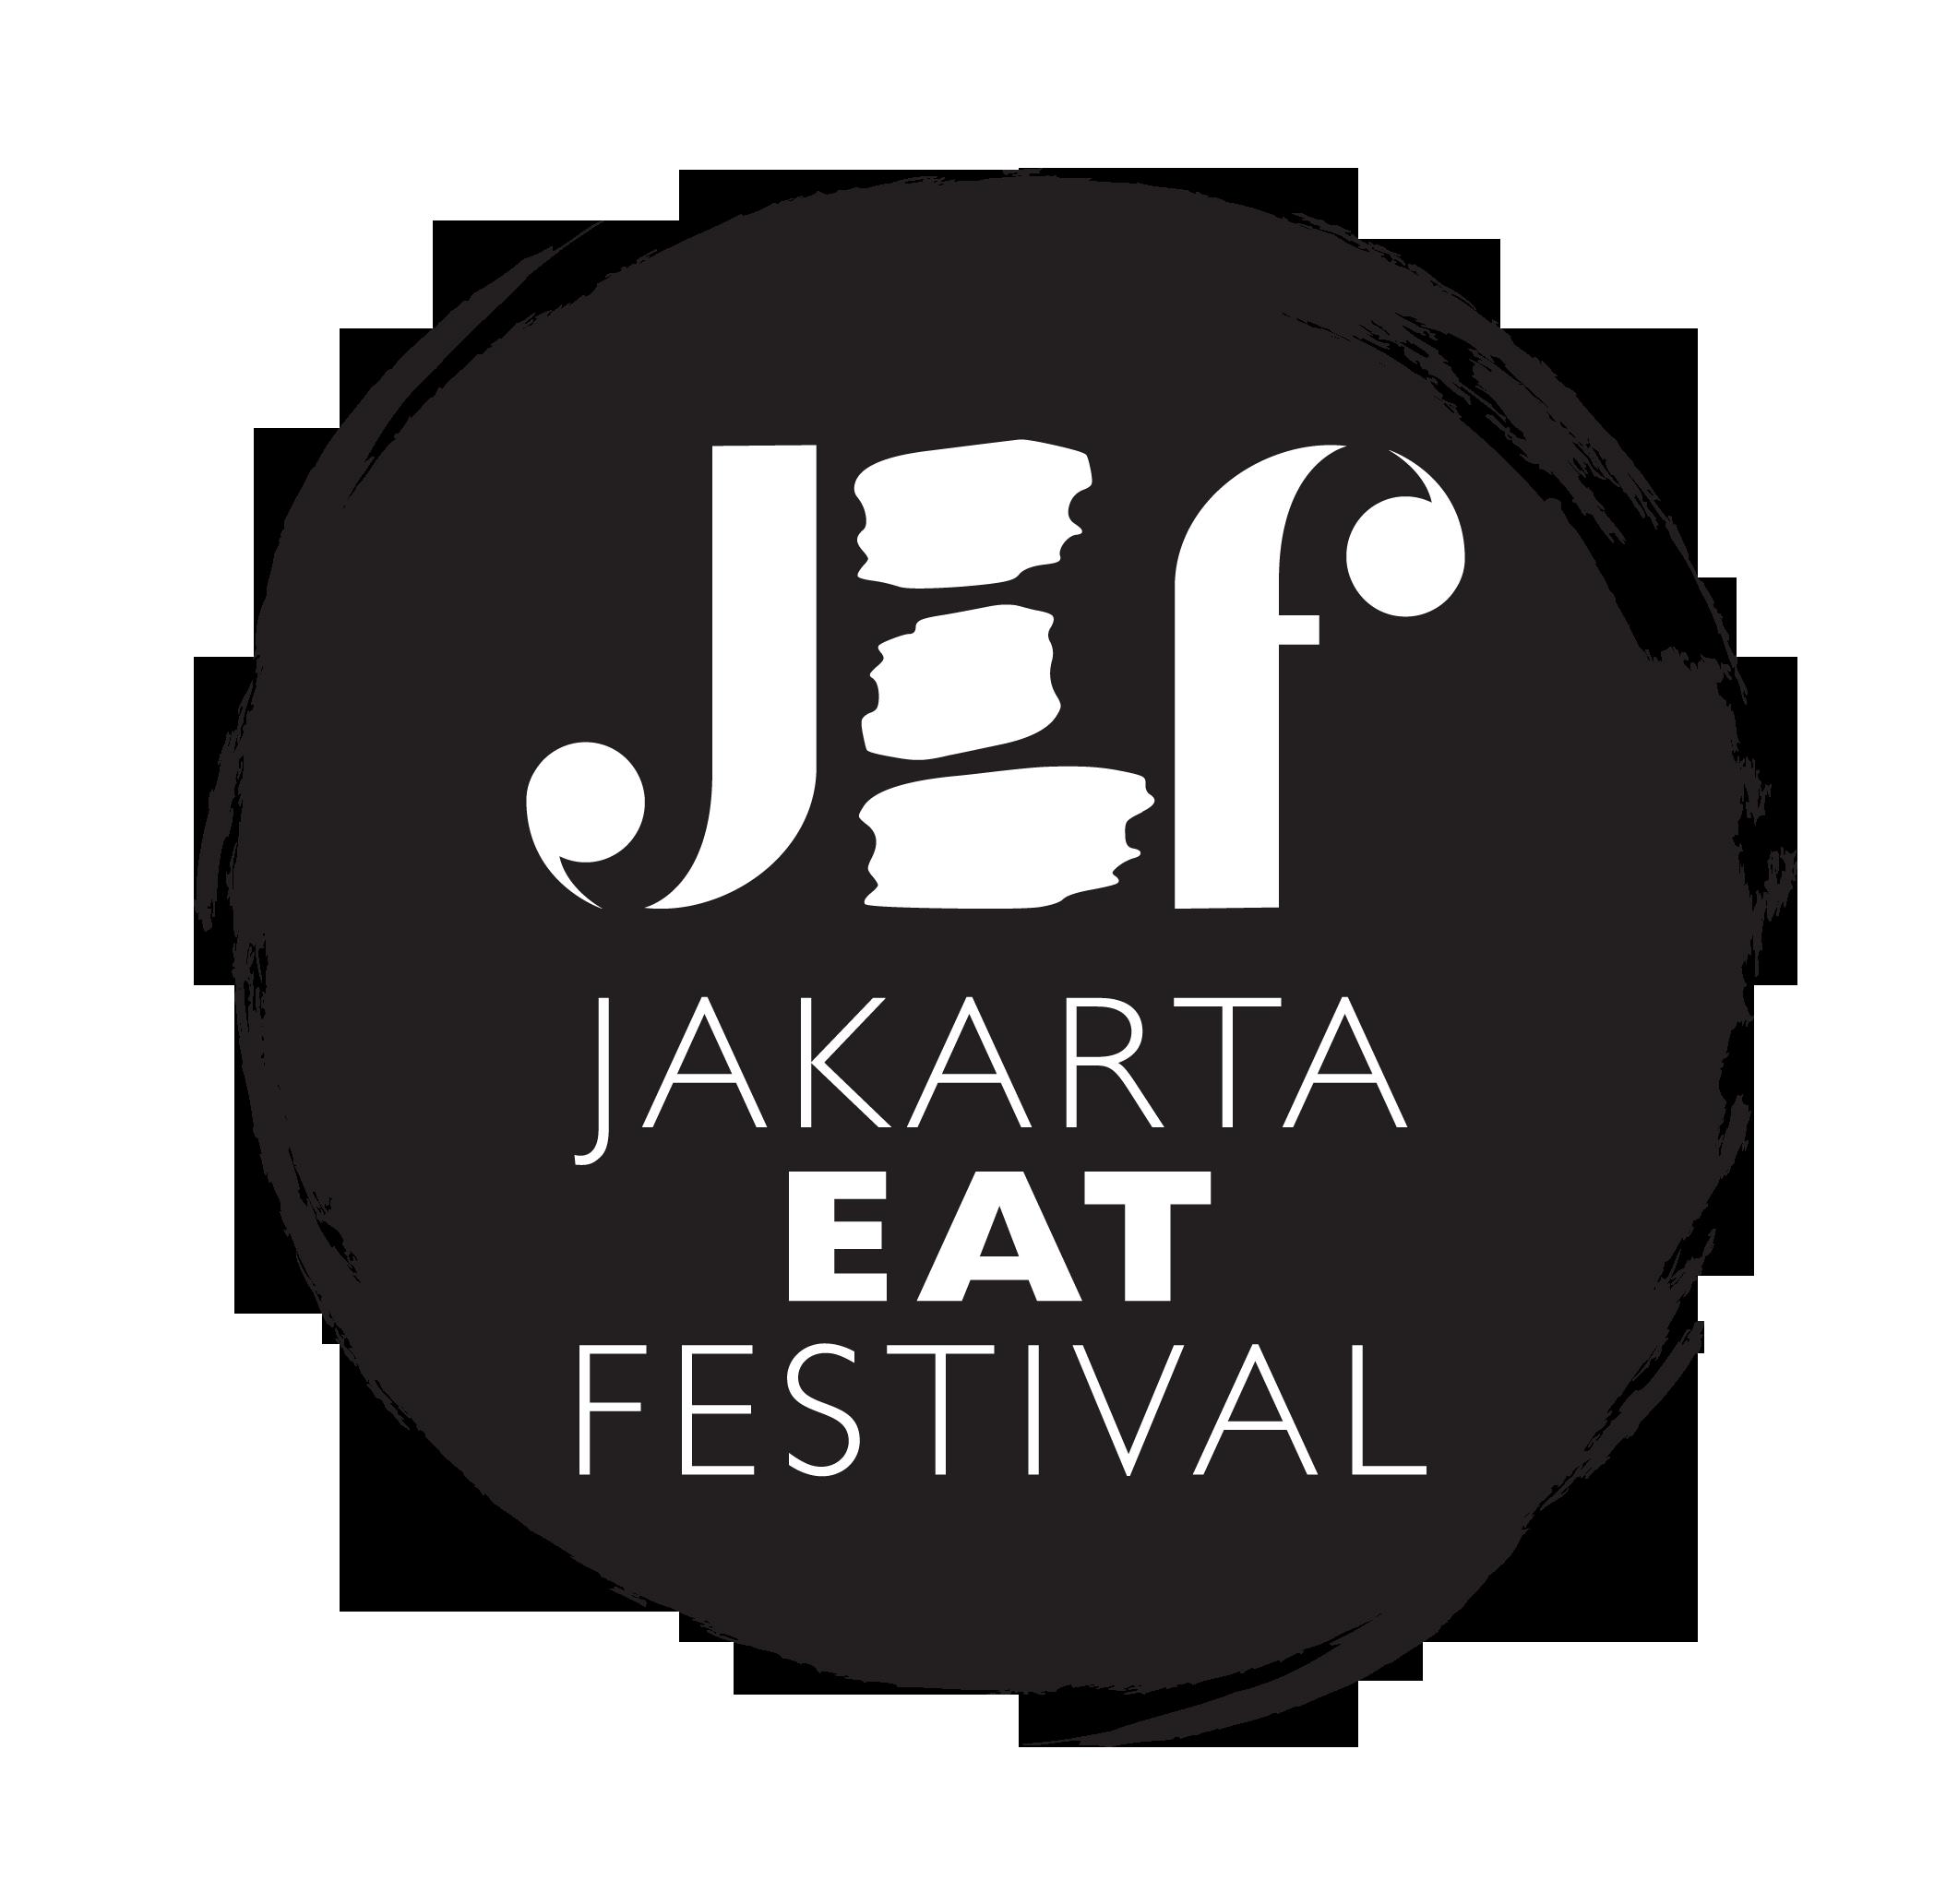 https://jakartaeatfestival.com/